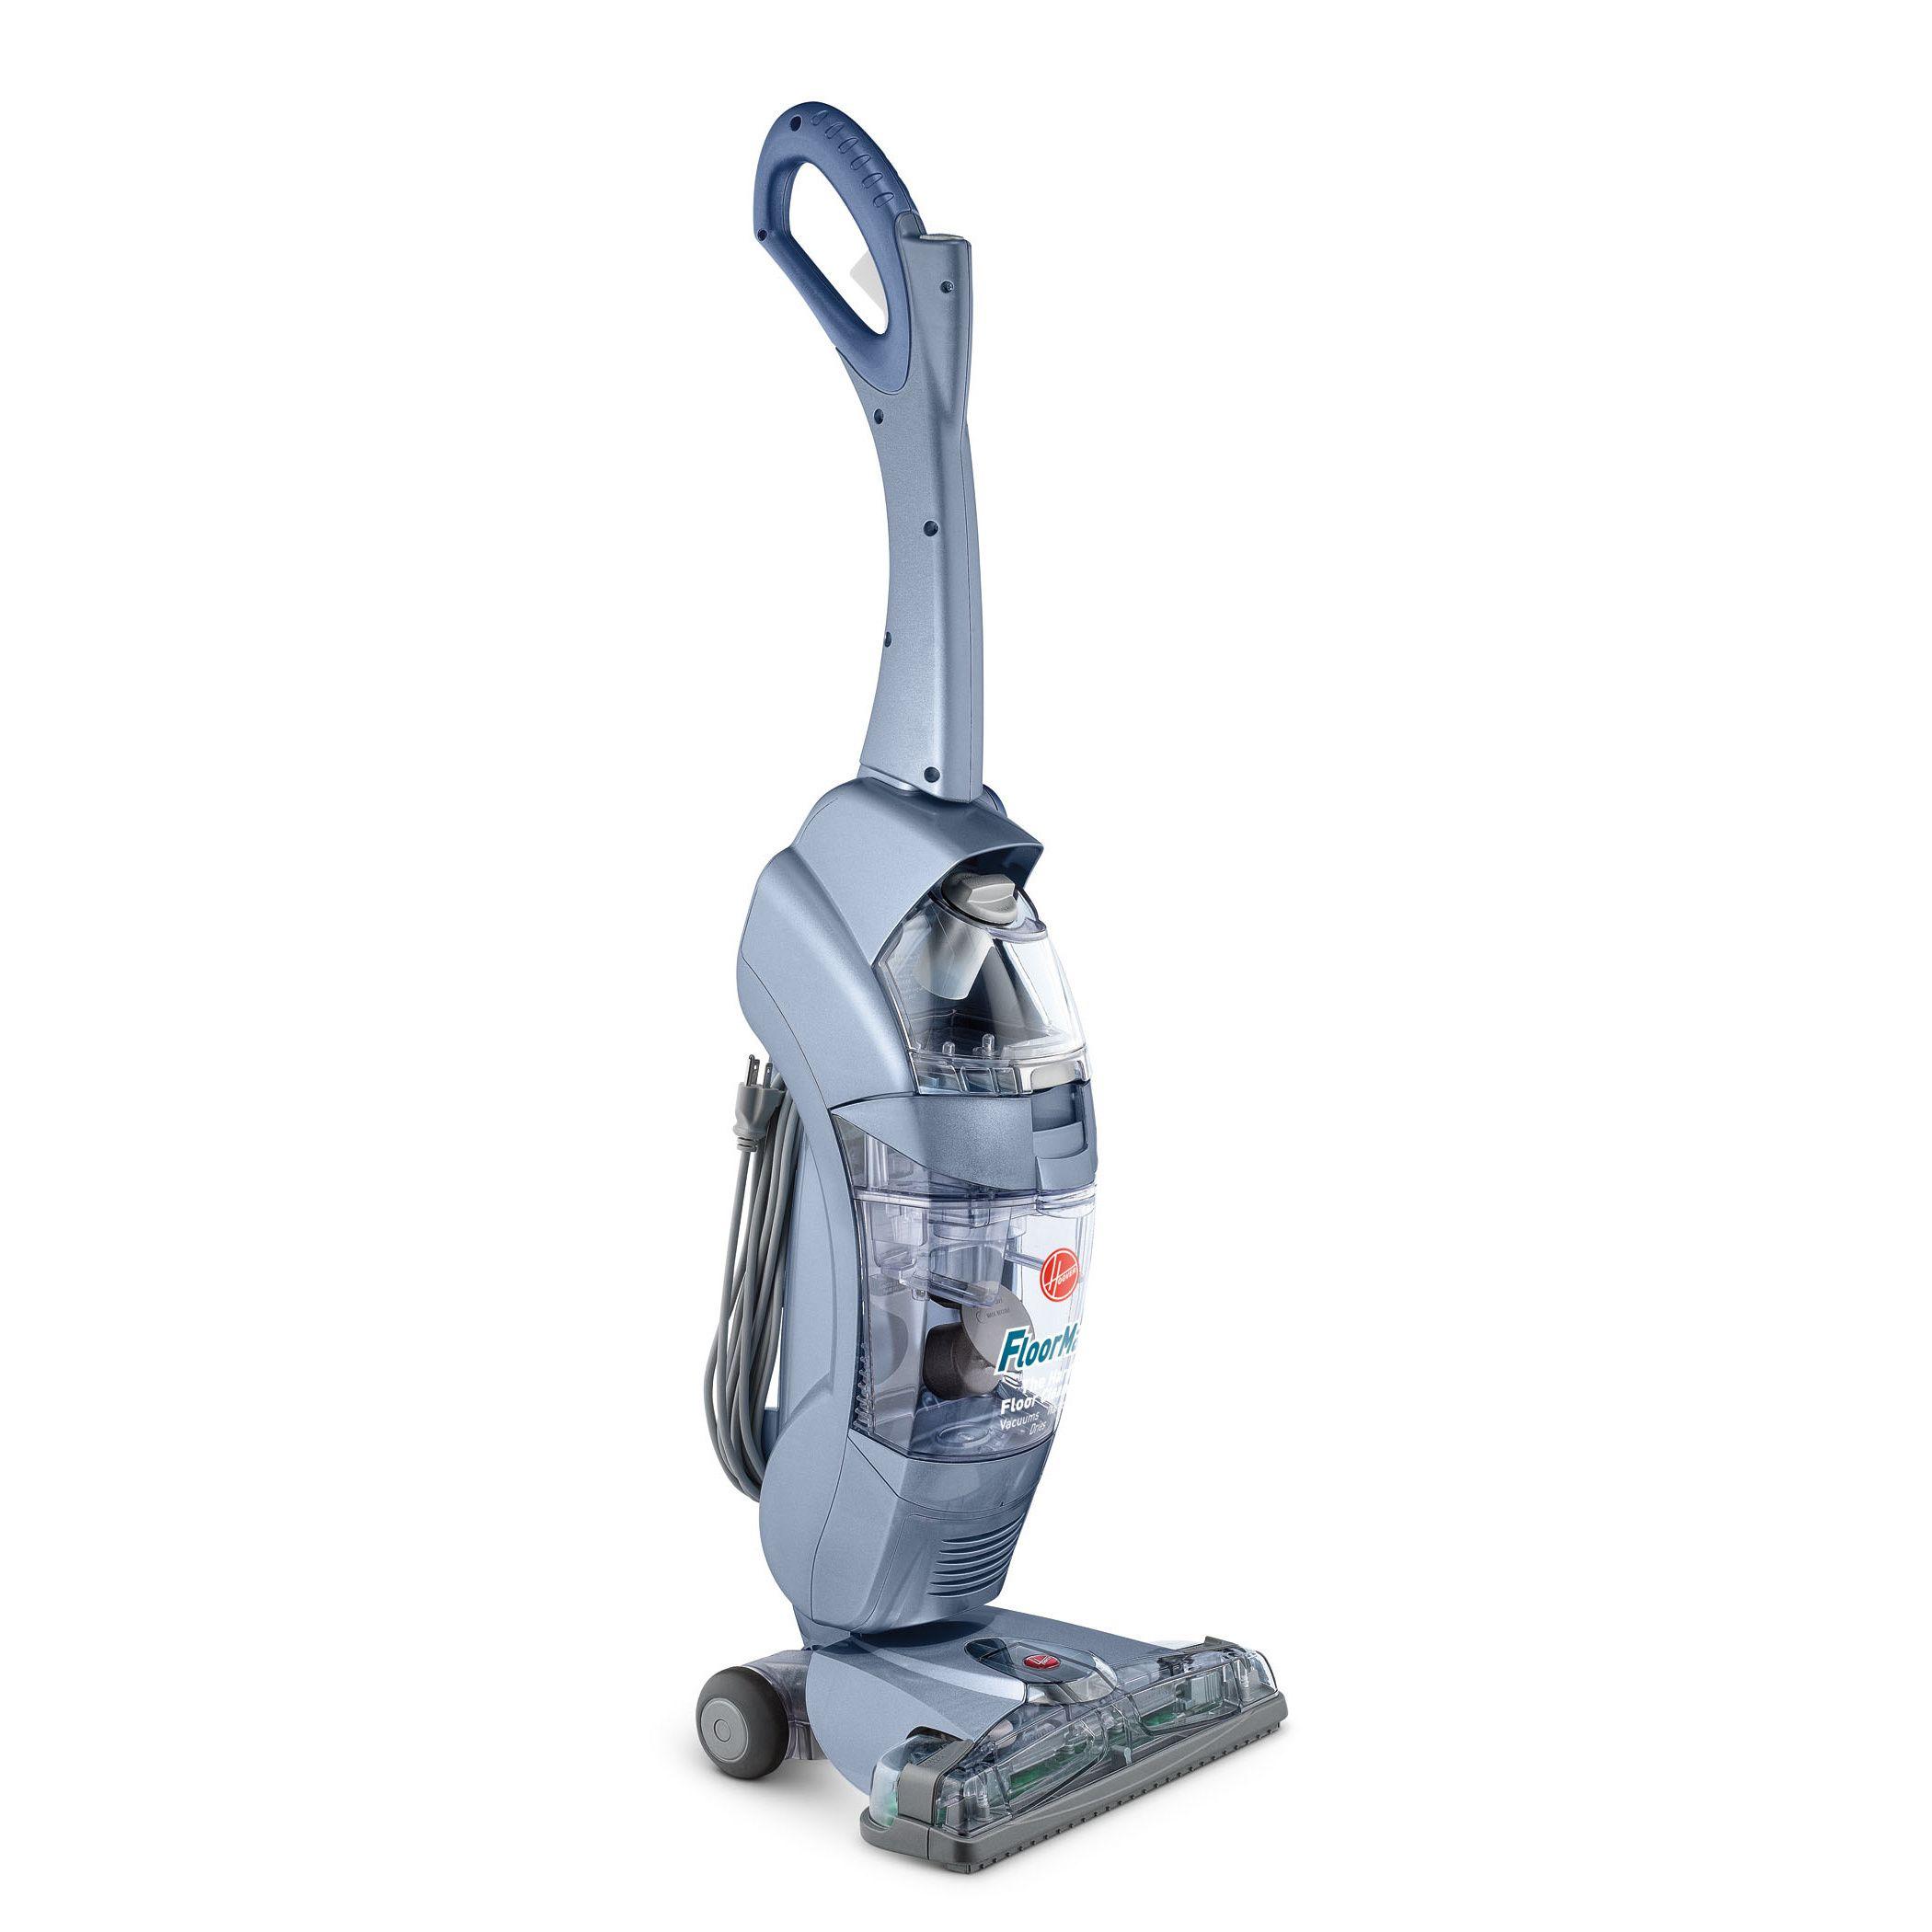 Hoover Fh40010b Floormate Hard Floor Cleaner As Is Item Hoover Floormate Floor Cleaner Hard Floor